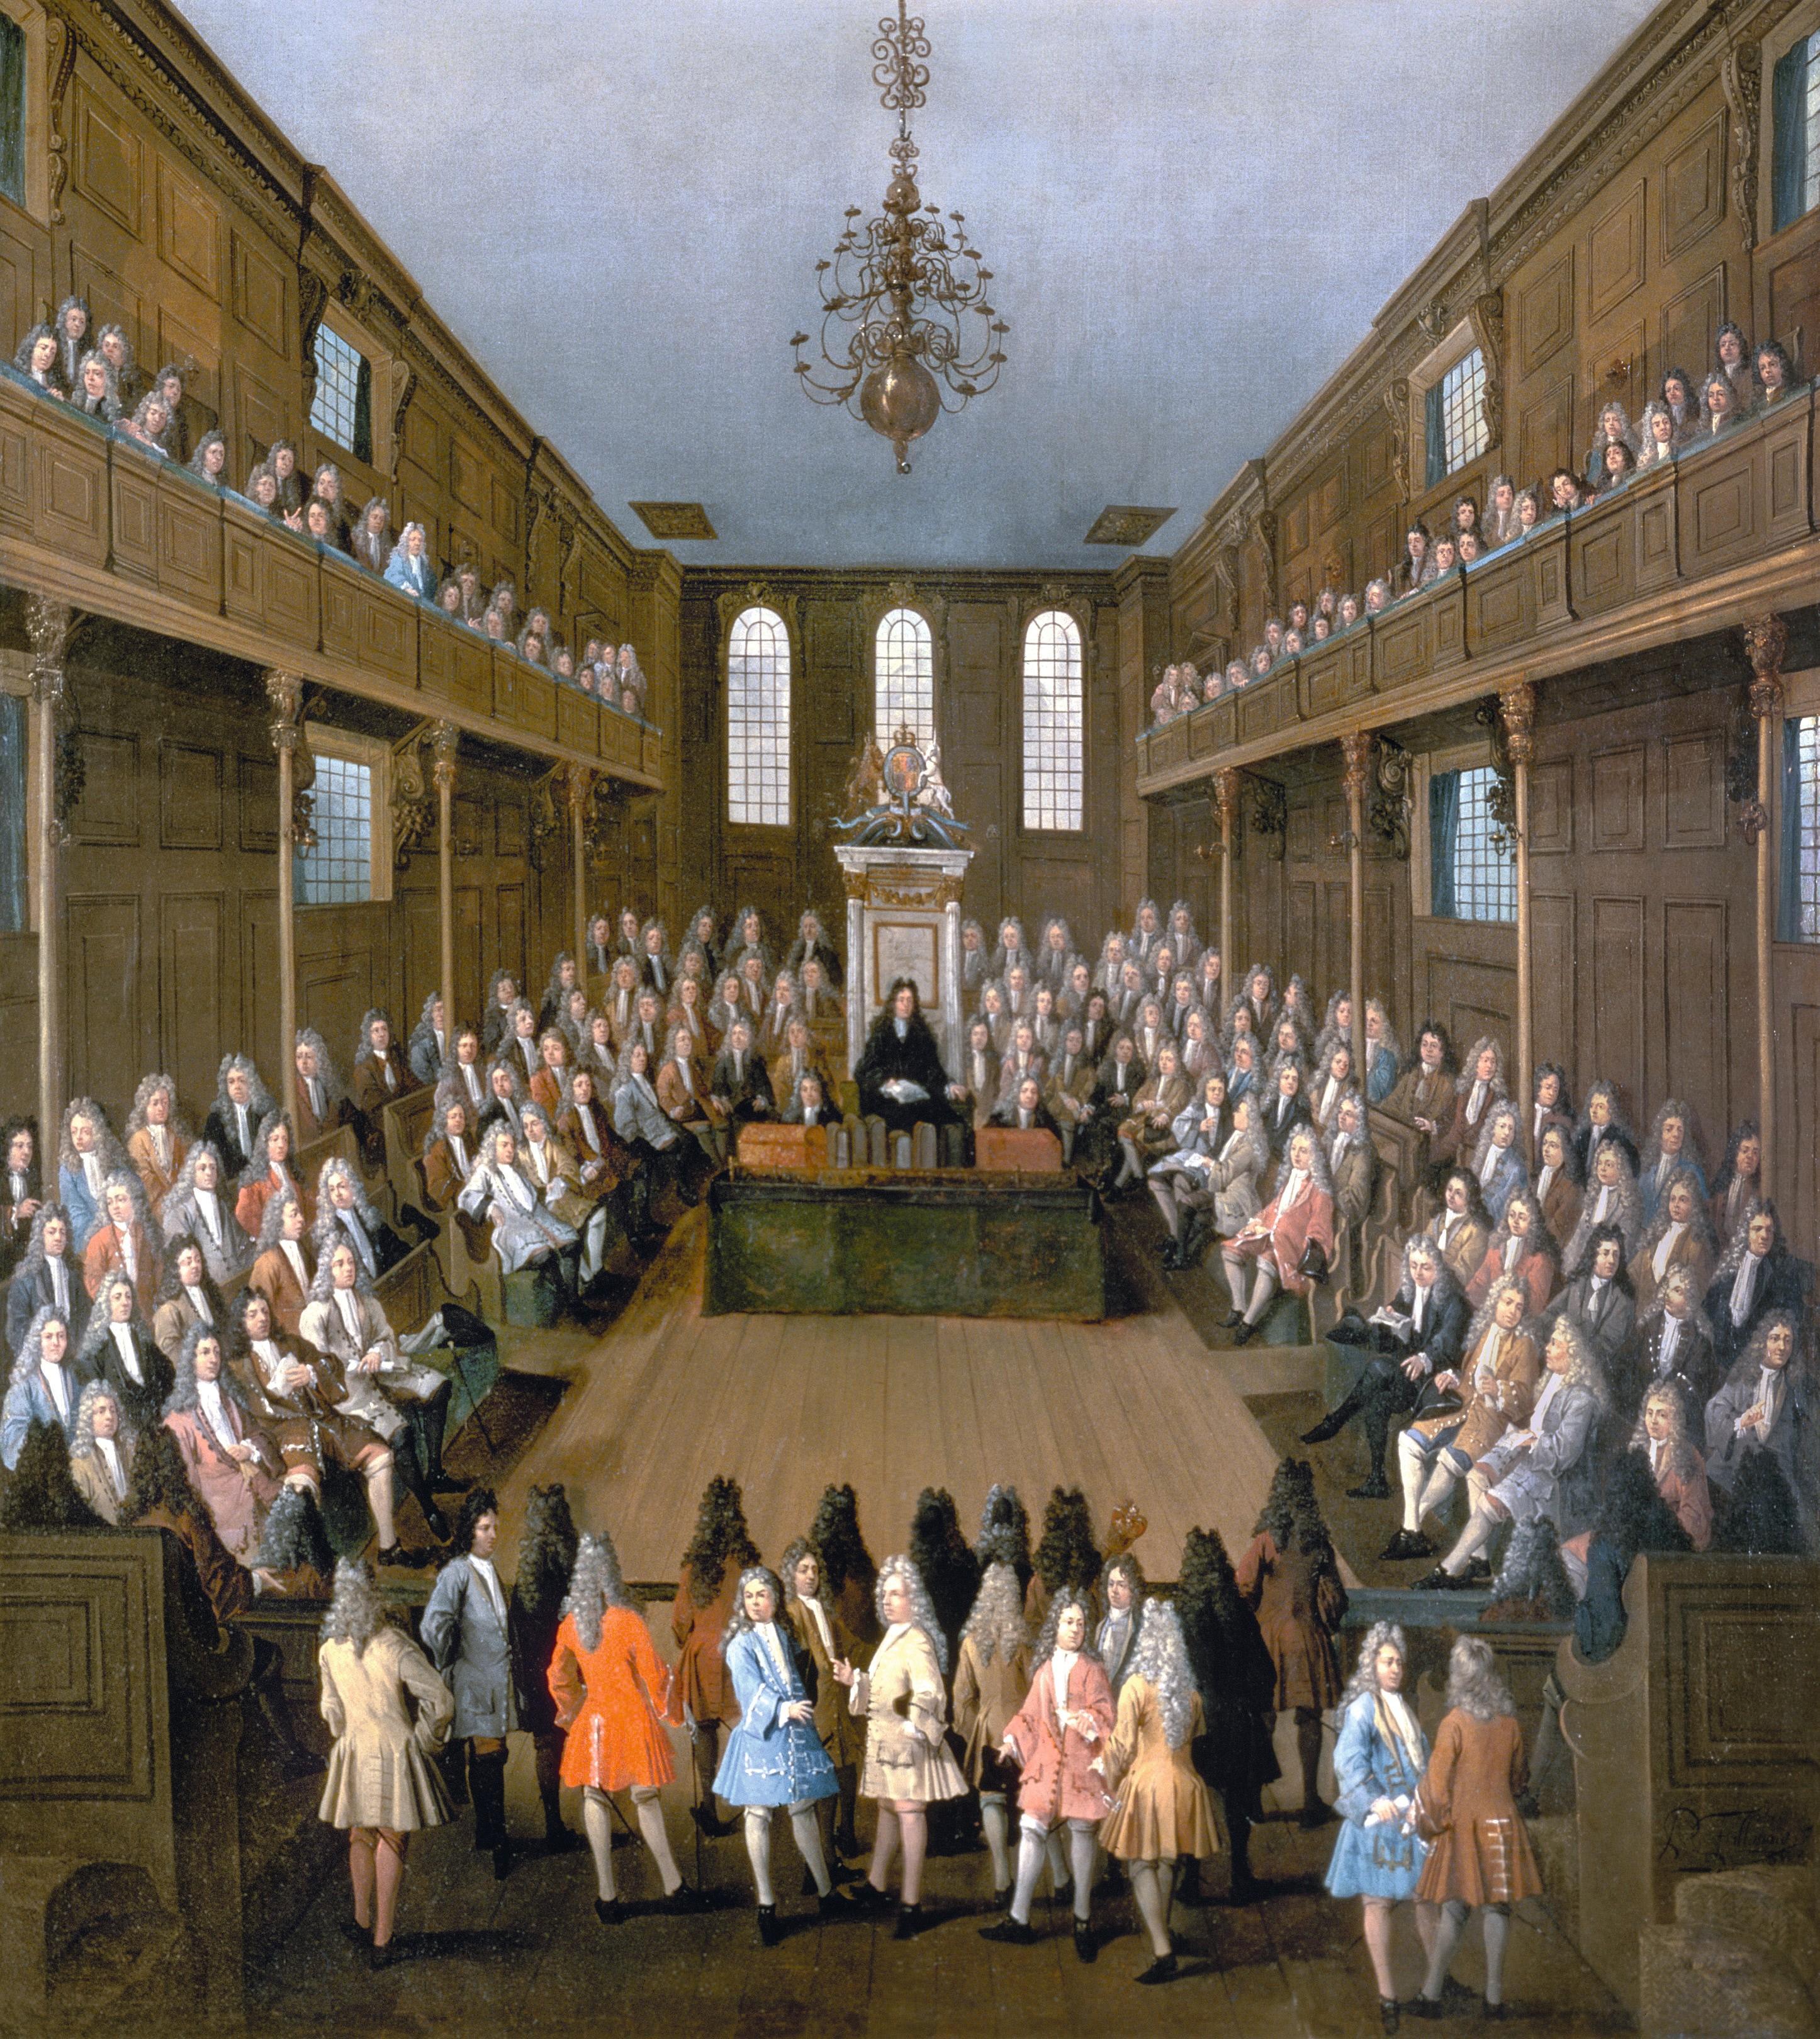 Peter Tillemans, Chambre des Communes en session, 1709, huile sur toile, 137 x 123 cm, Parlement, Londres